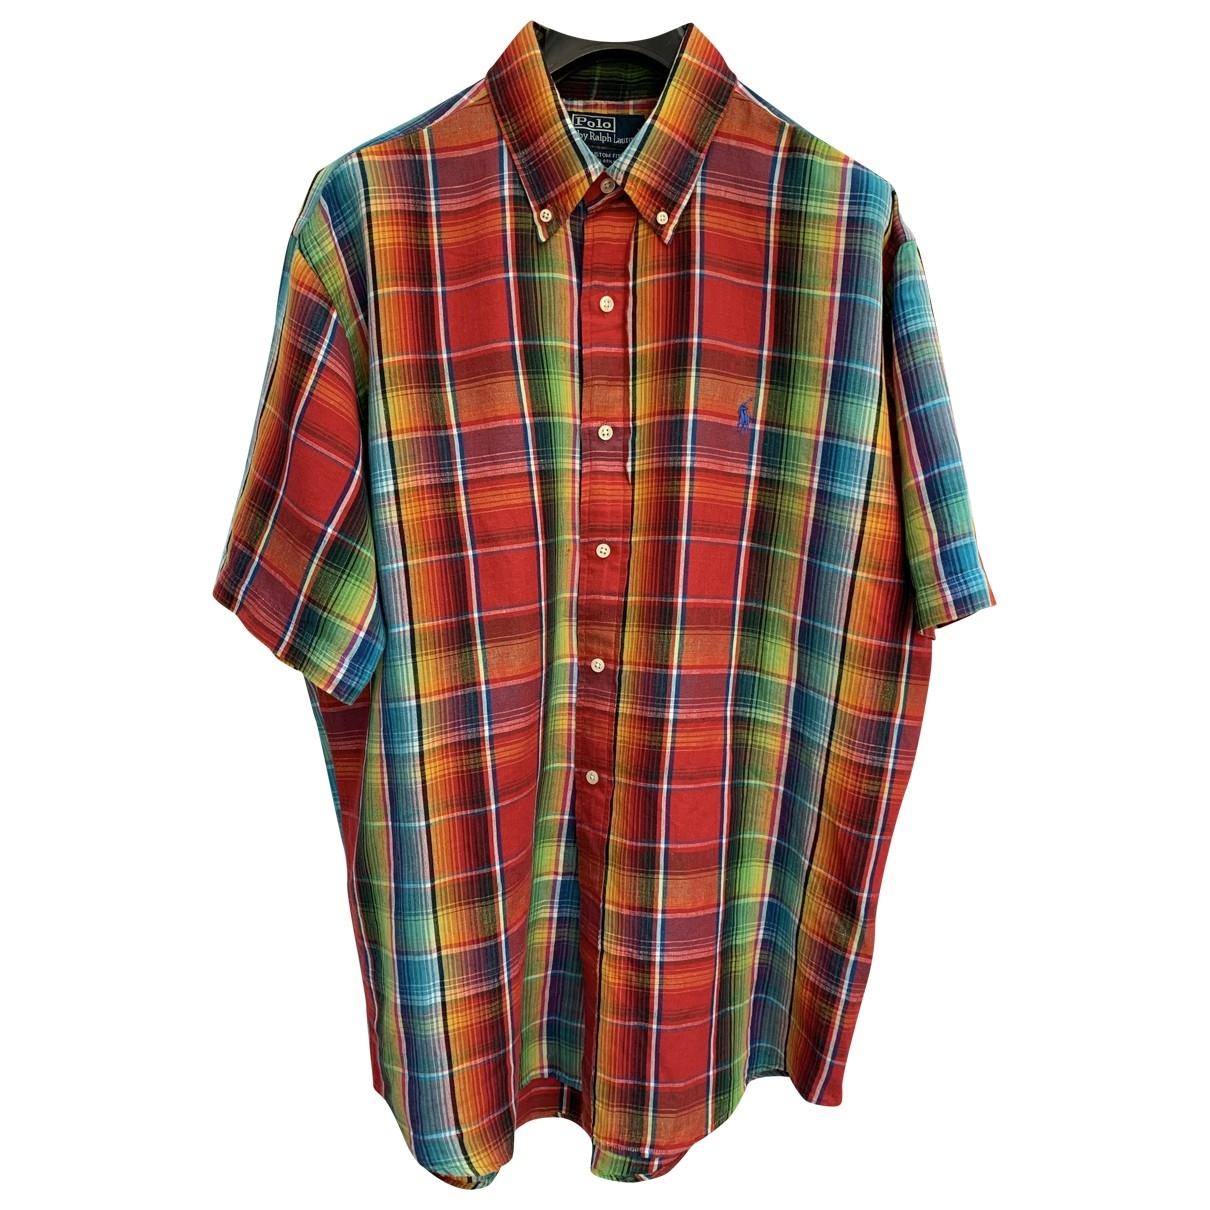 Polo Ralph Lauren - Chemises   pour homme en lin - multicolore